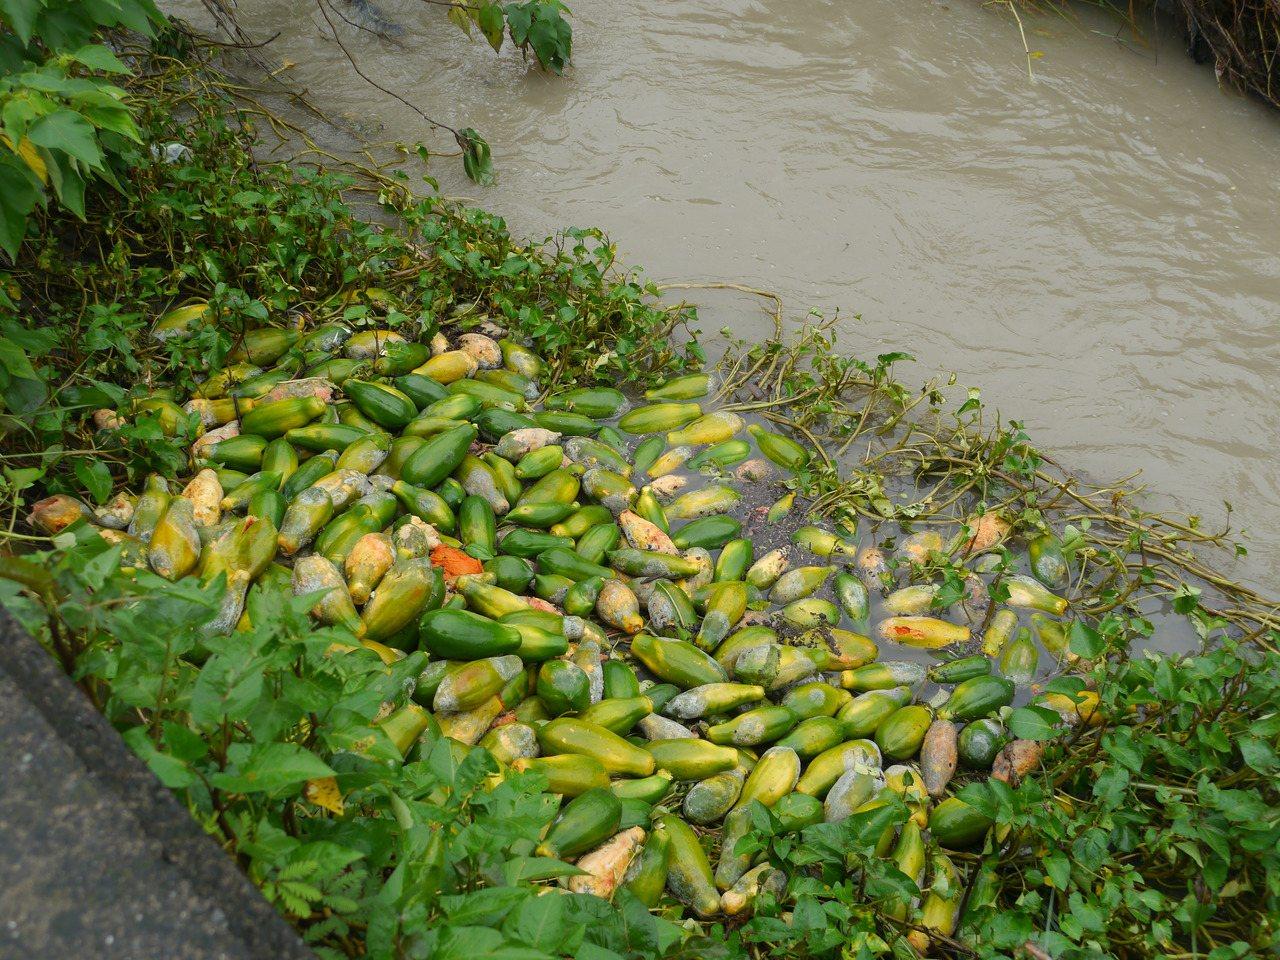 美濃木瓜水傷嚴重,農民丟棄水圳放水流走。圖/本報資料照